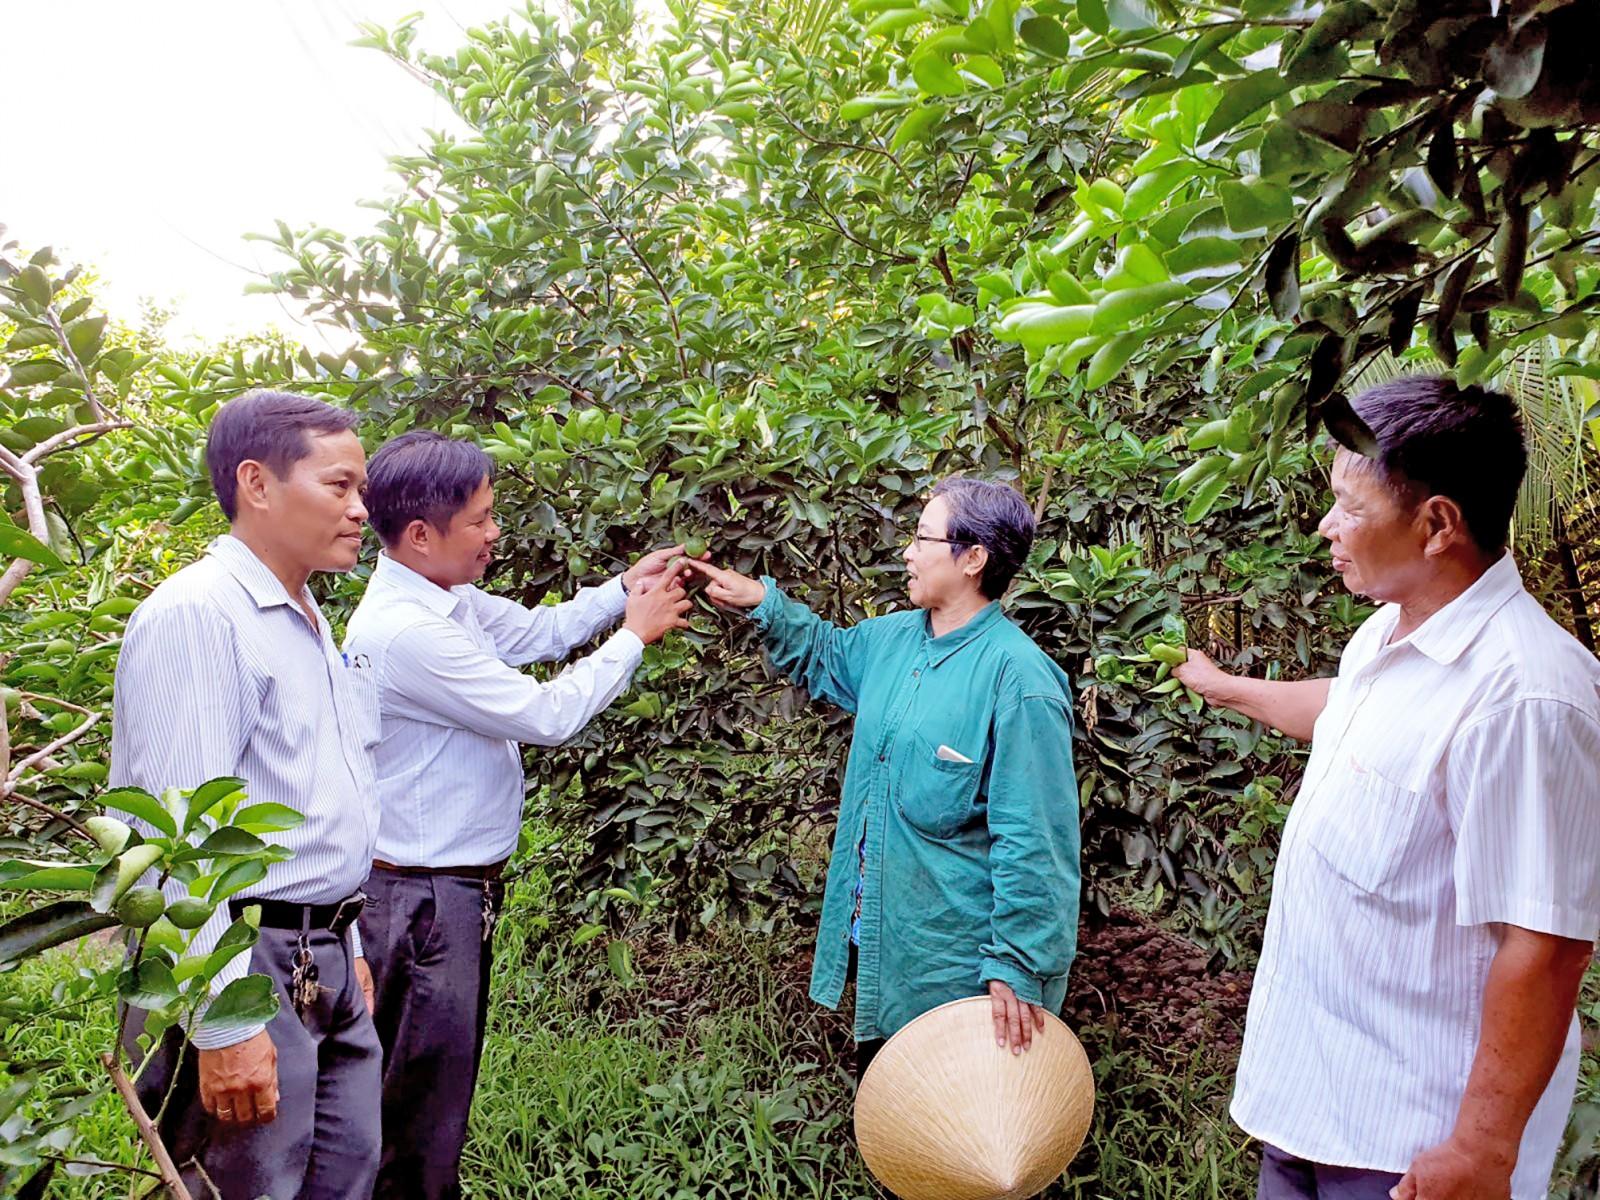 Lãnh đạo HND quận Bình Thủy đến thăm các mô hình sản xuất của hội viên. Ảnh: HỒNG VÂN